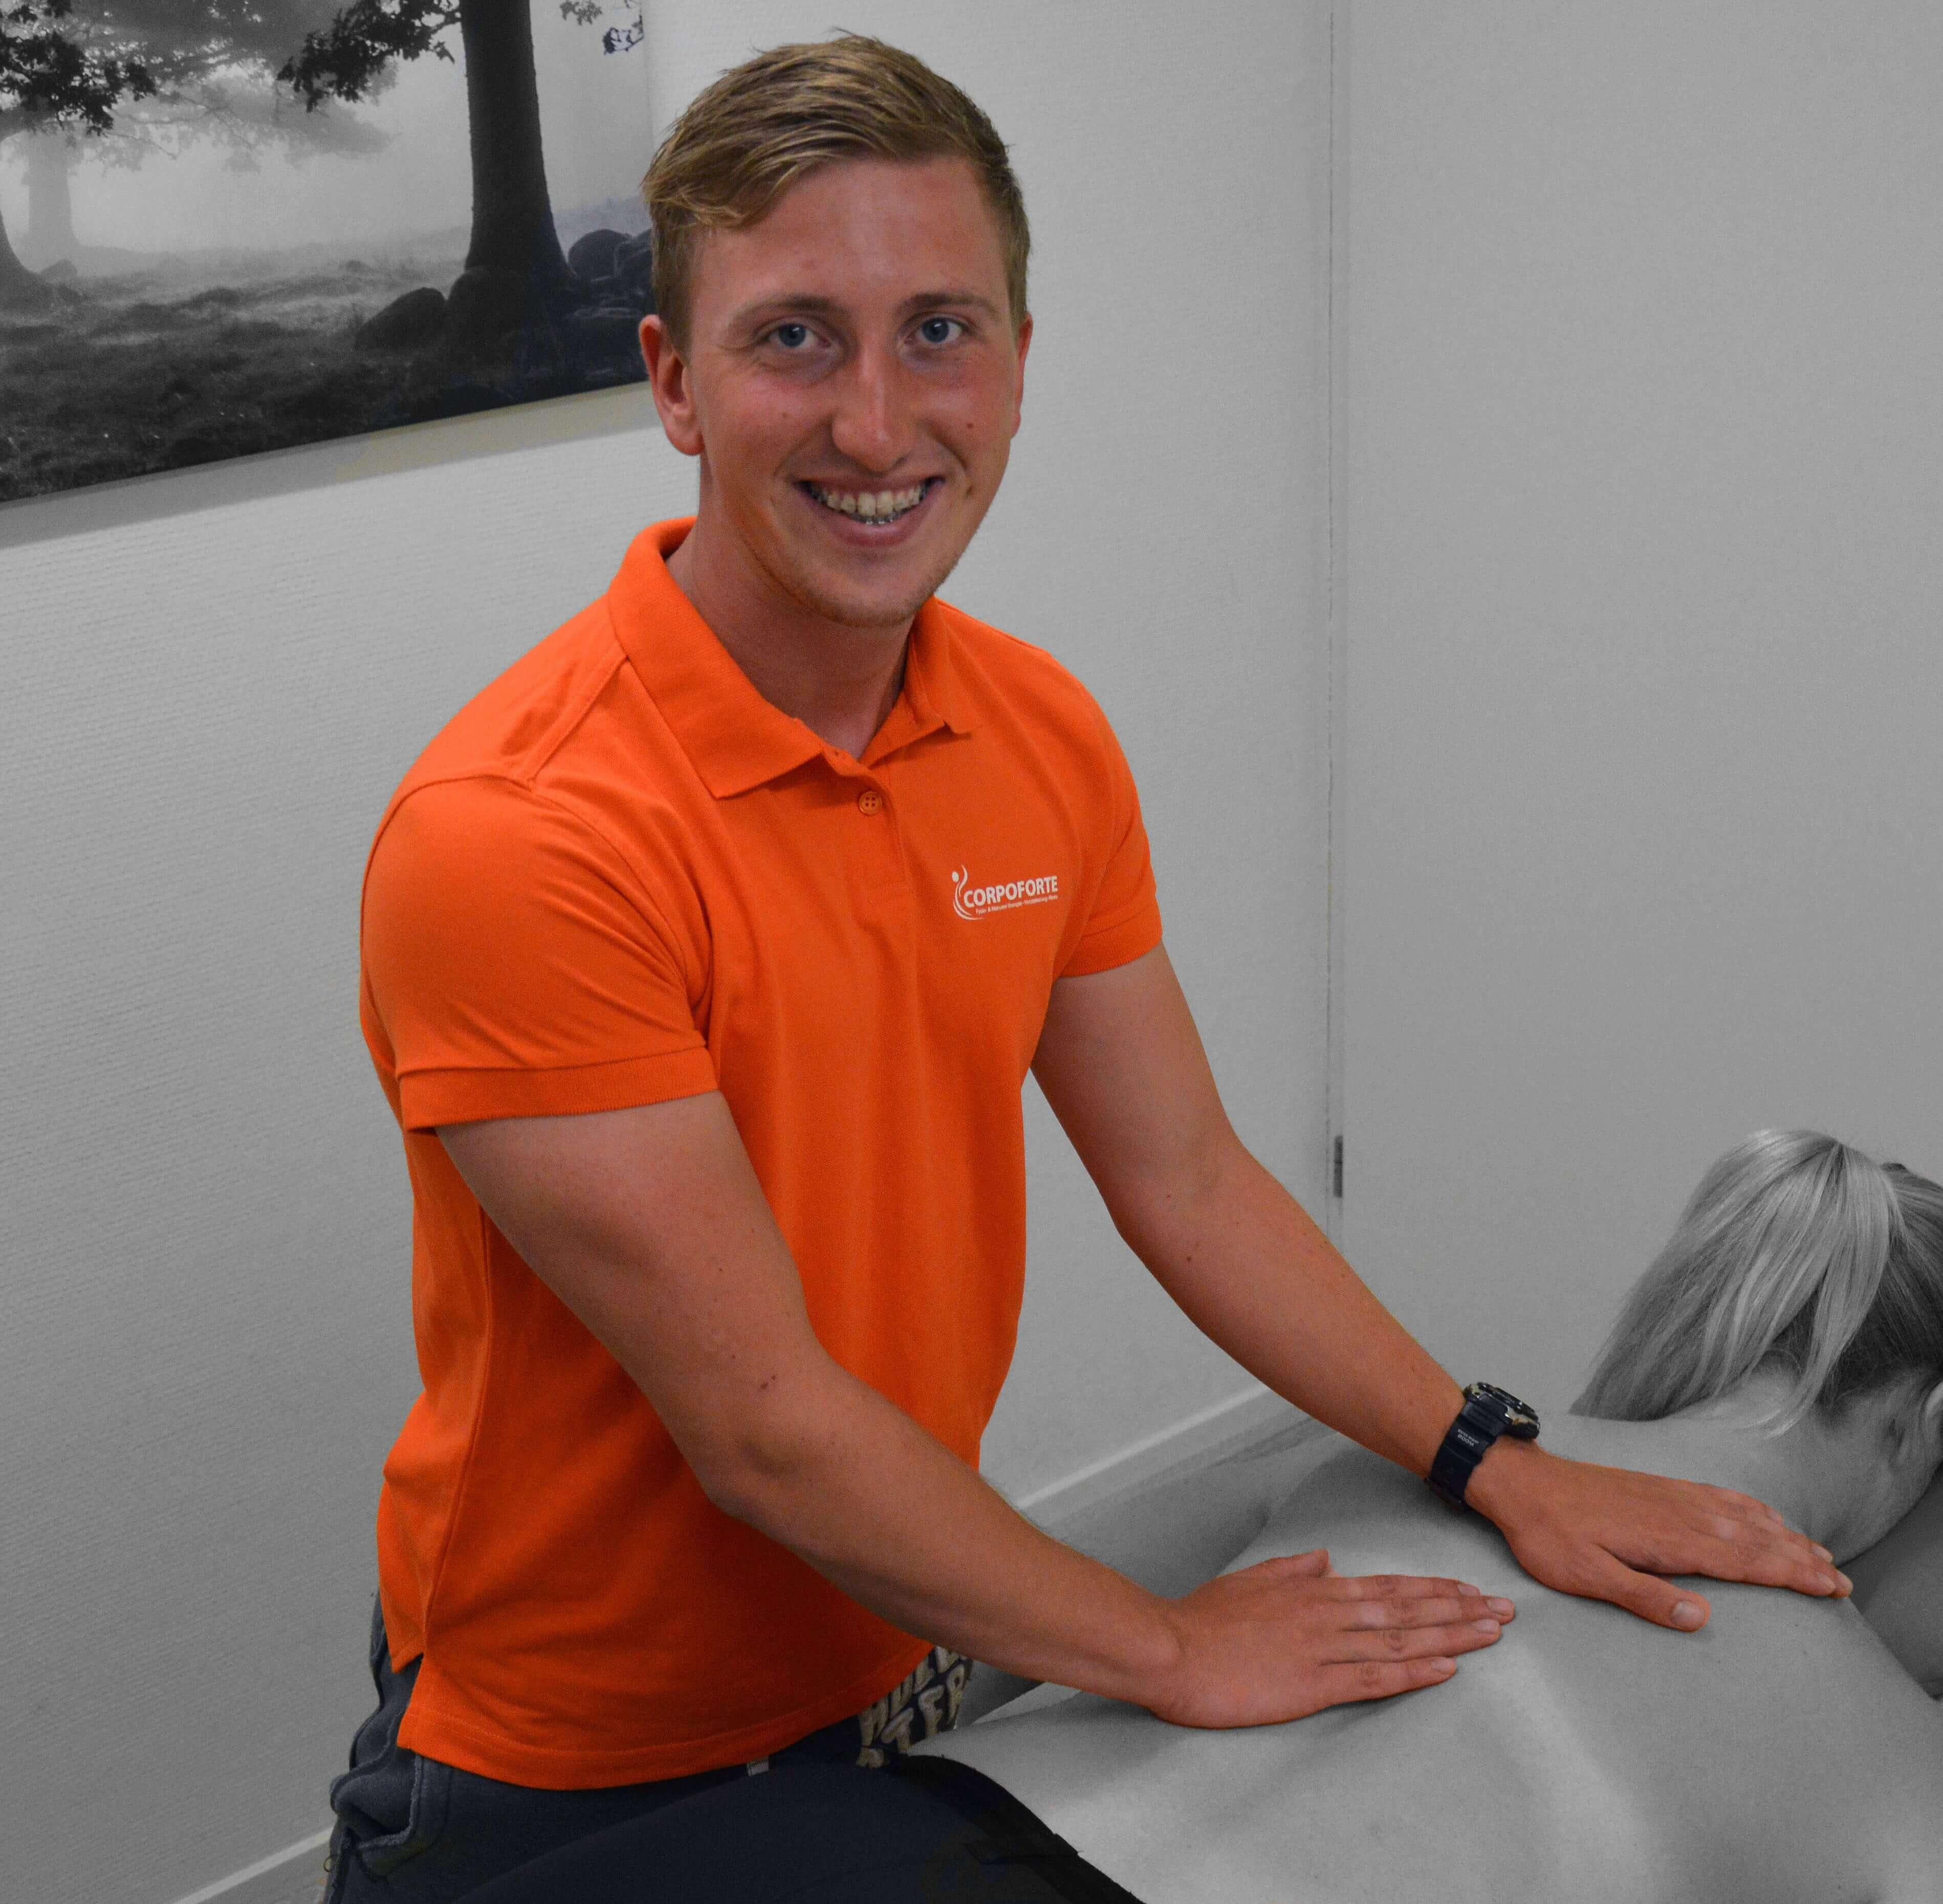 Robin van Dorland sport masseur active4health